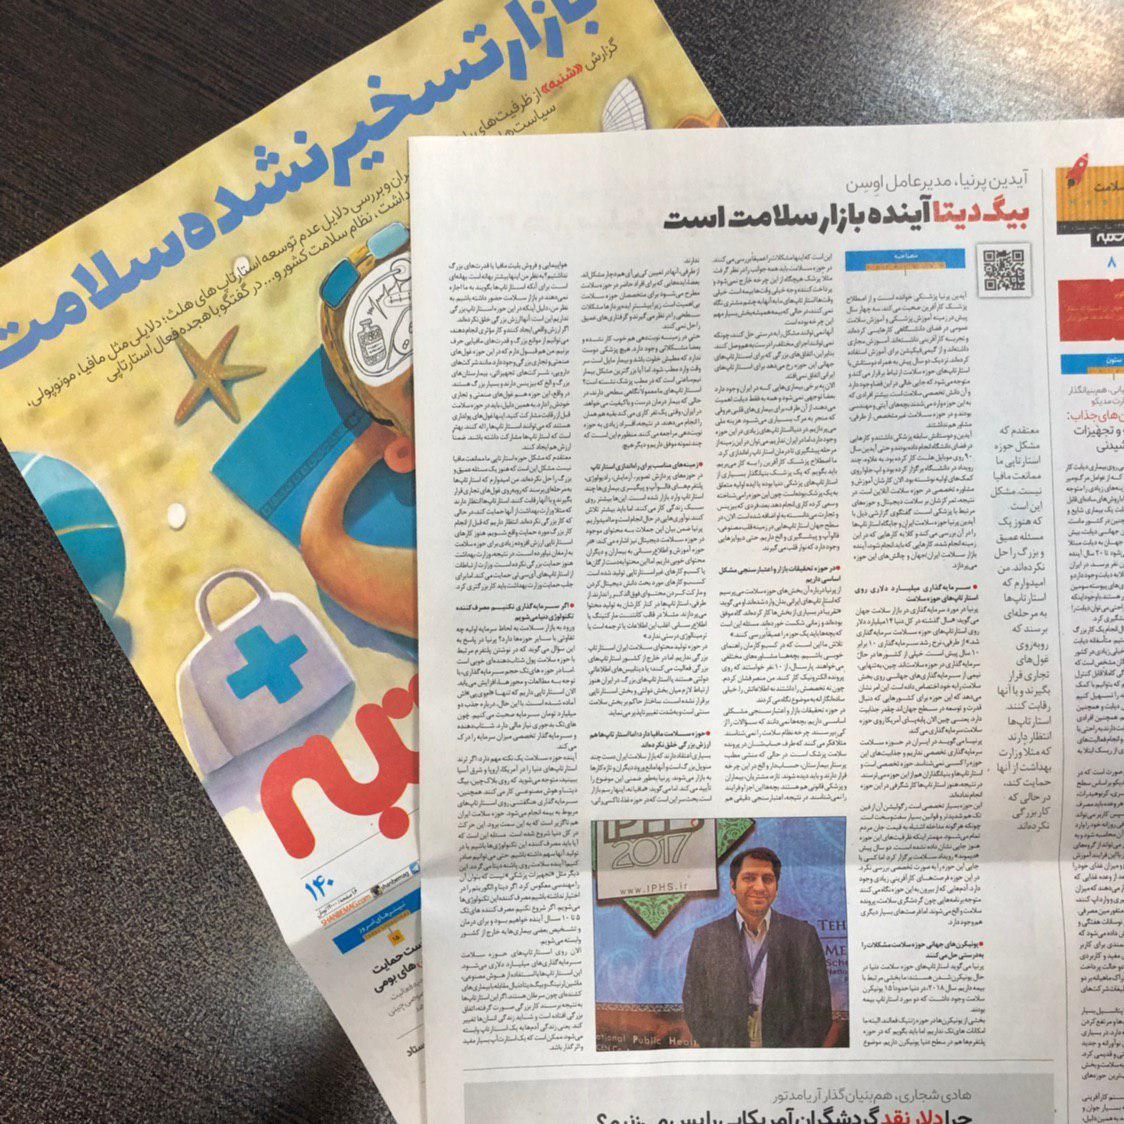 متن کامل مصاحبه دکتر آیدین پرنیا را که در شماره 140 هفتهنامه شنبه منتشر شده است